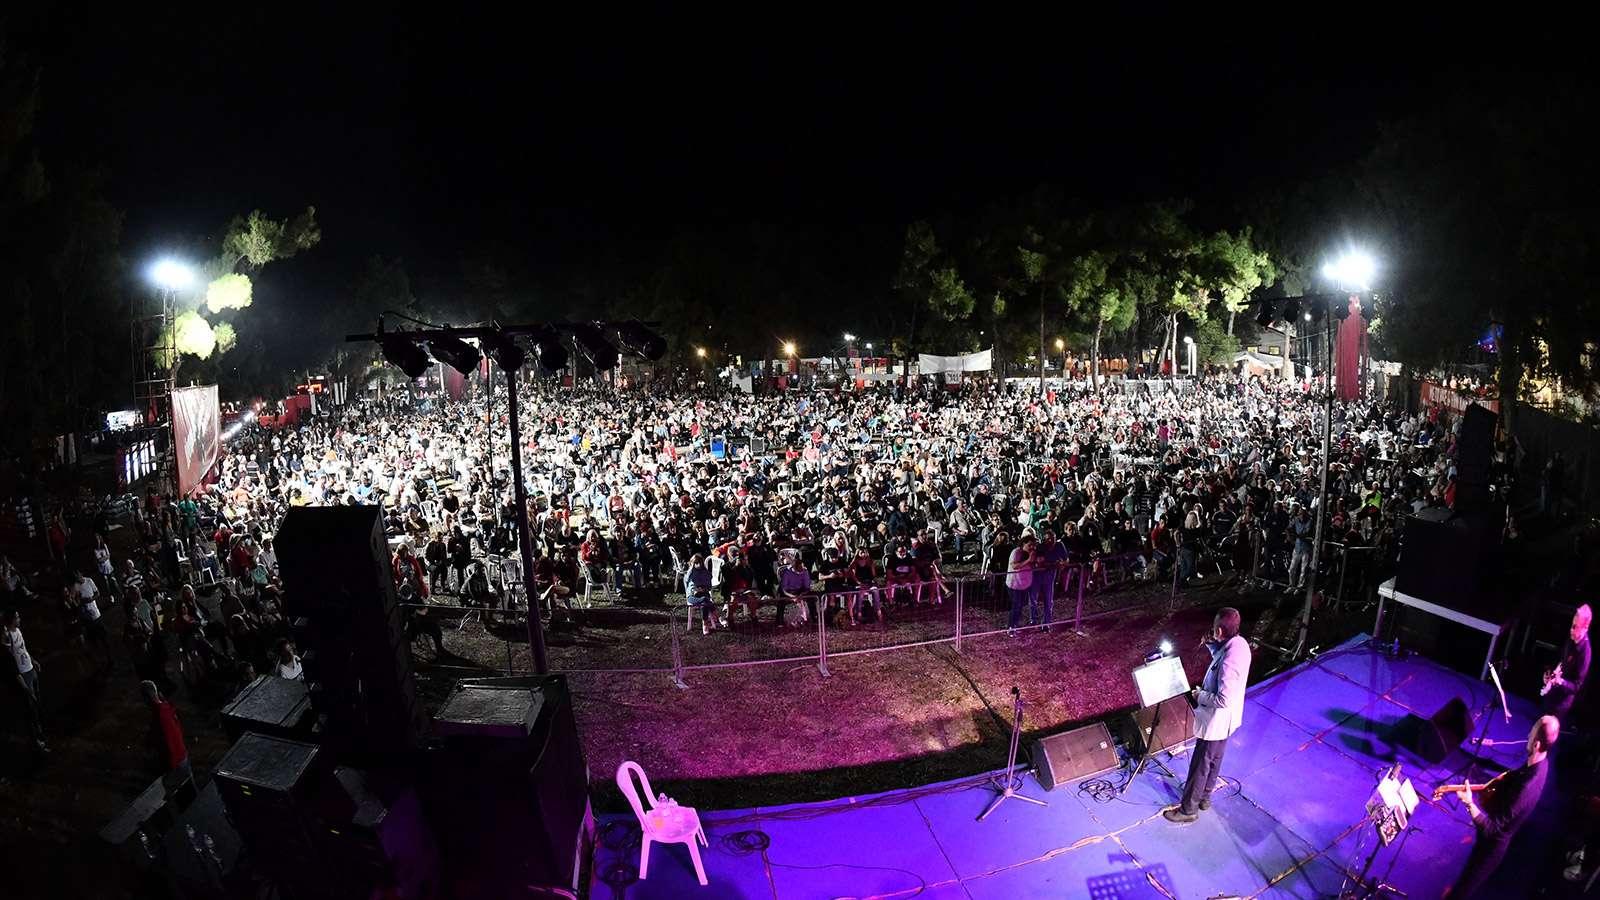 47ο Φεστιβάλ ΚΝΕ ΟΔΗΓΗΤΗ Θεσσαλονίκη margaritis festival